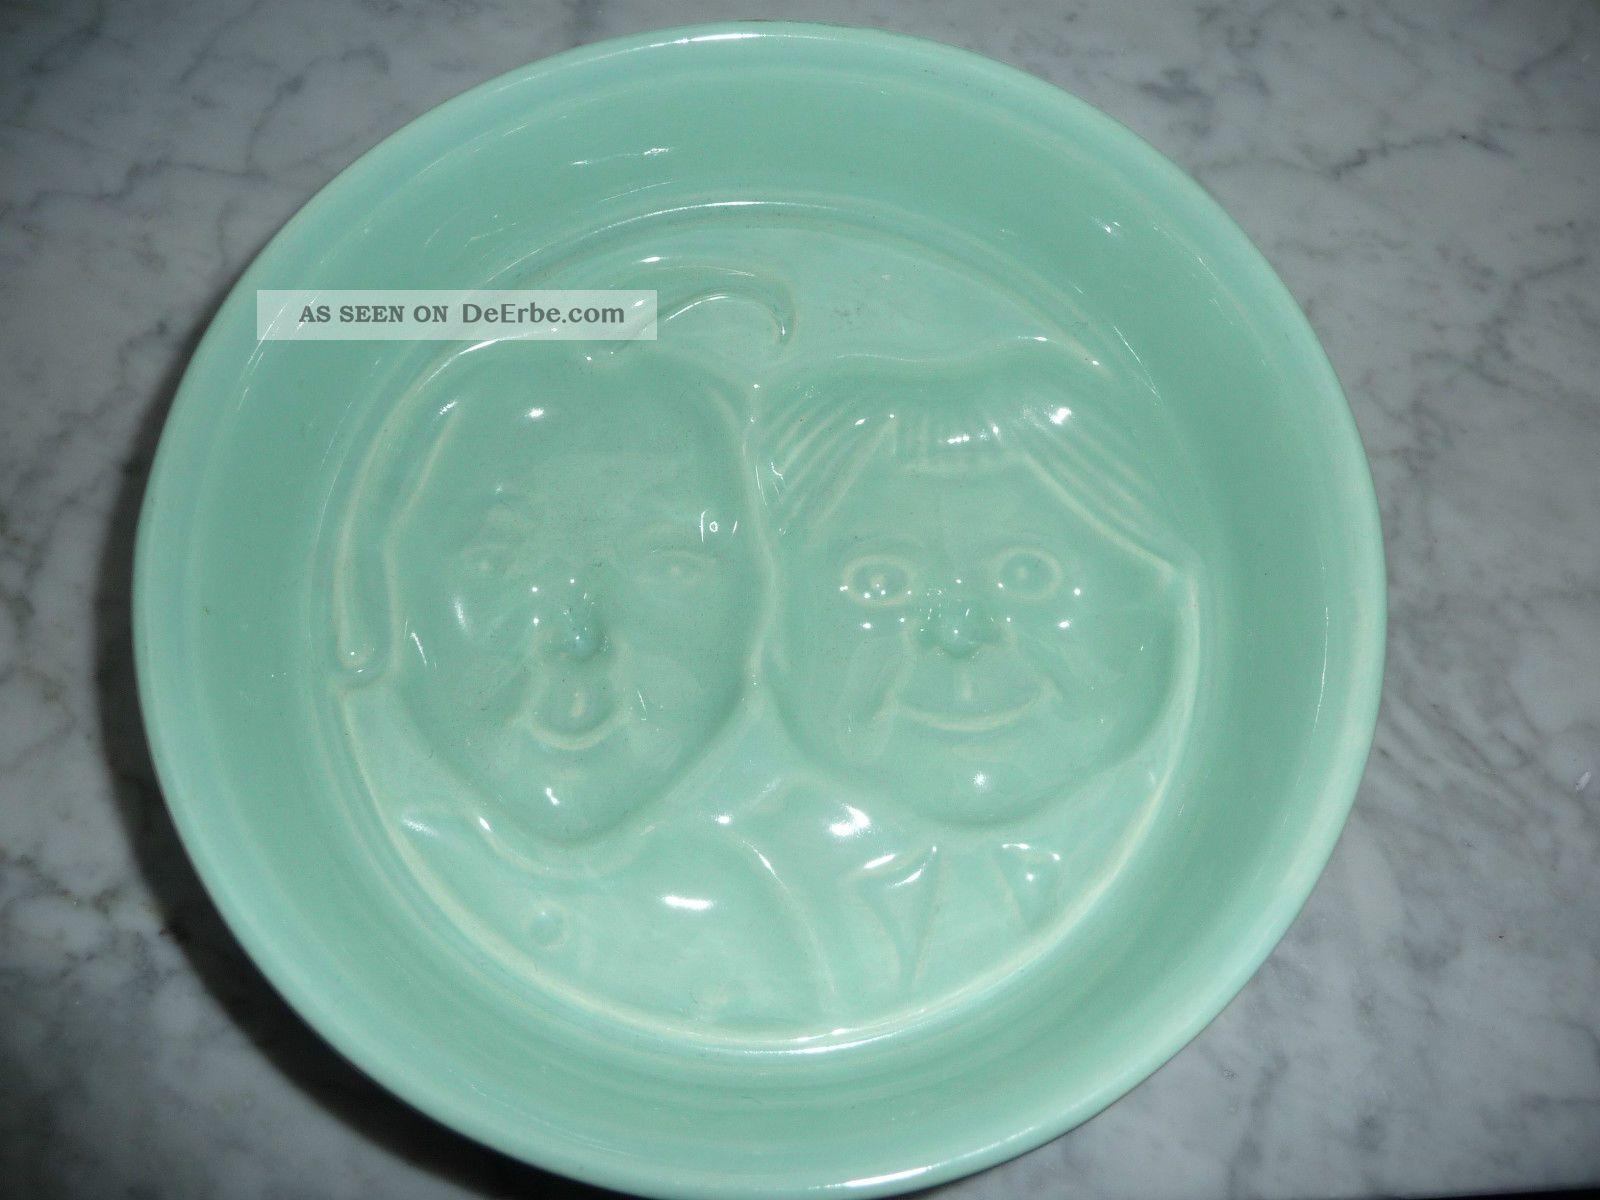 alte keramik pudding form gr n max und moritz. Black Bedroom Furniture Sets. Home Design Ideas